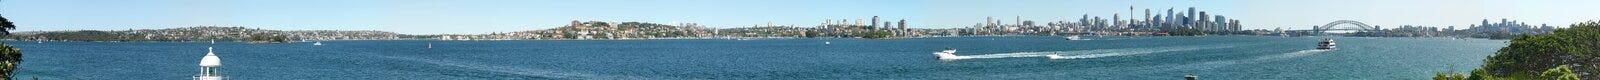 schronienie panorama Sydney zdjęcia royalty free